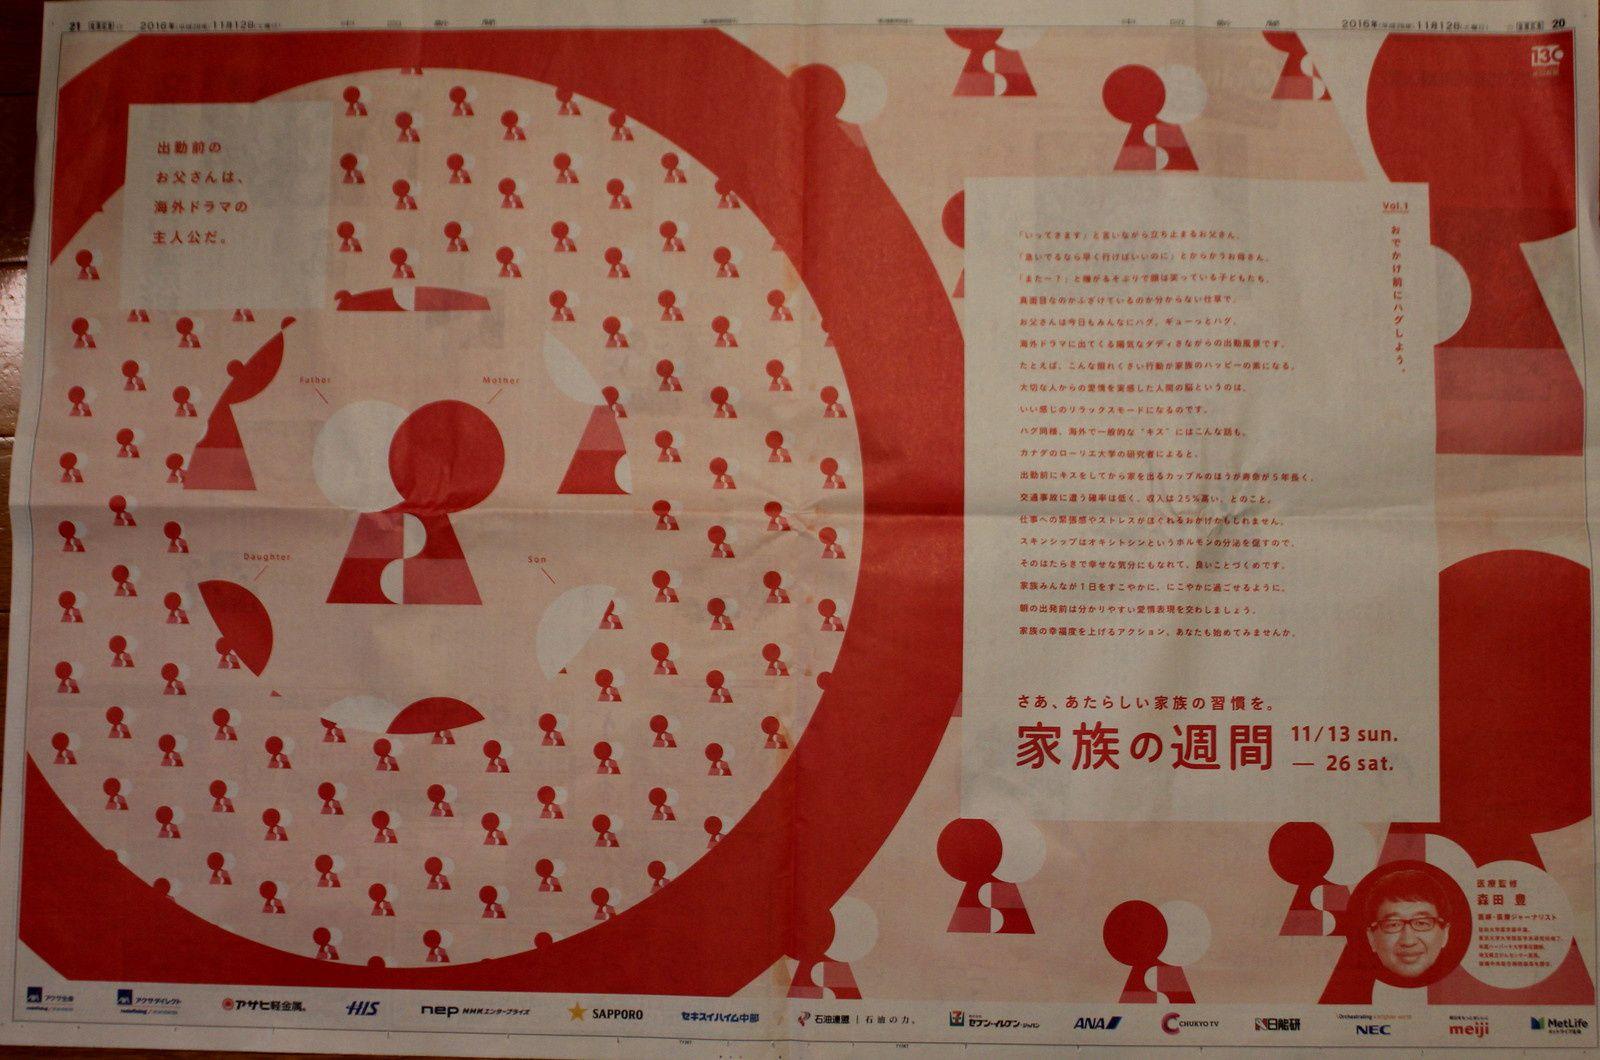 Parue dans le journal Chunichi du 12 décembre 2016